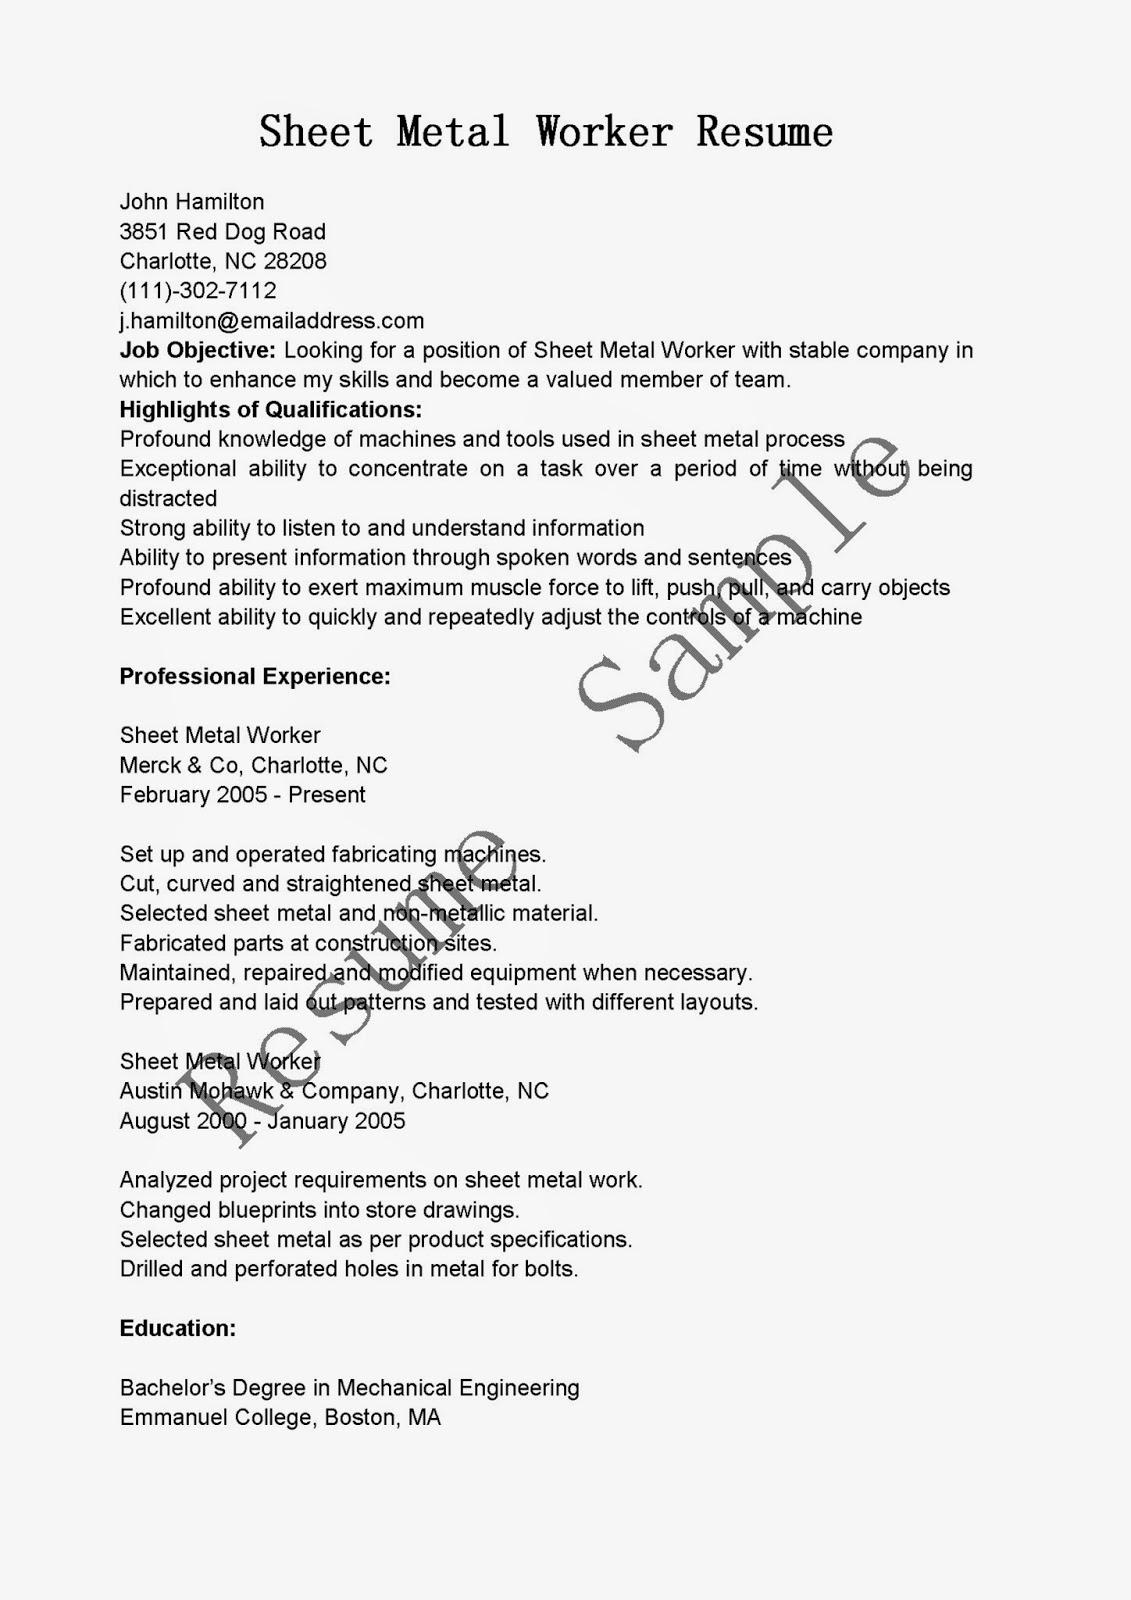 Resume Samples Sheet Metal Worker Resume Sample